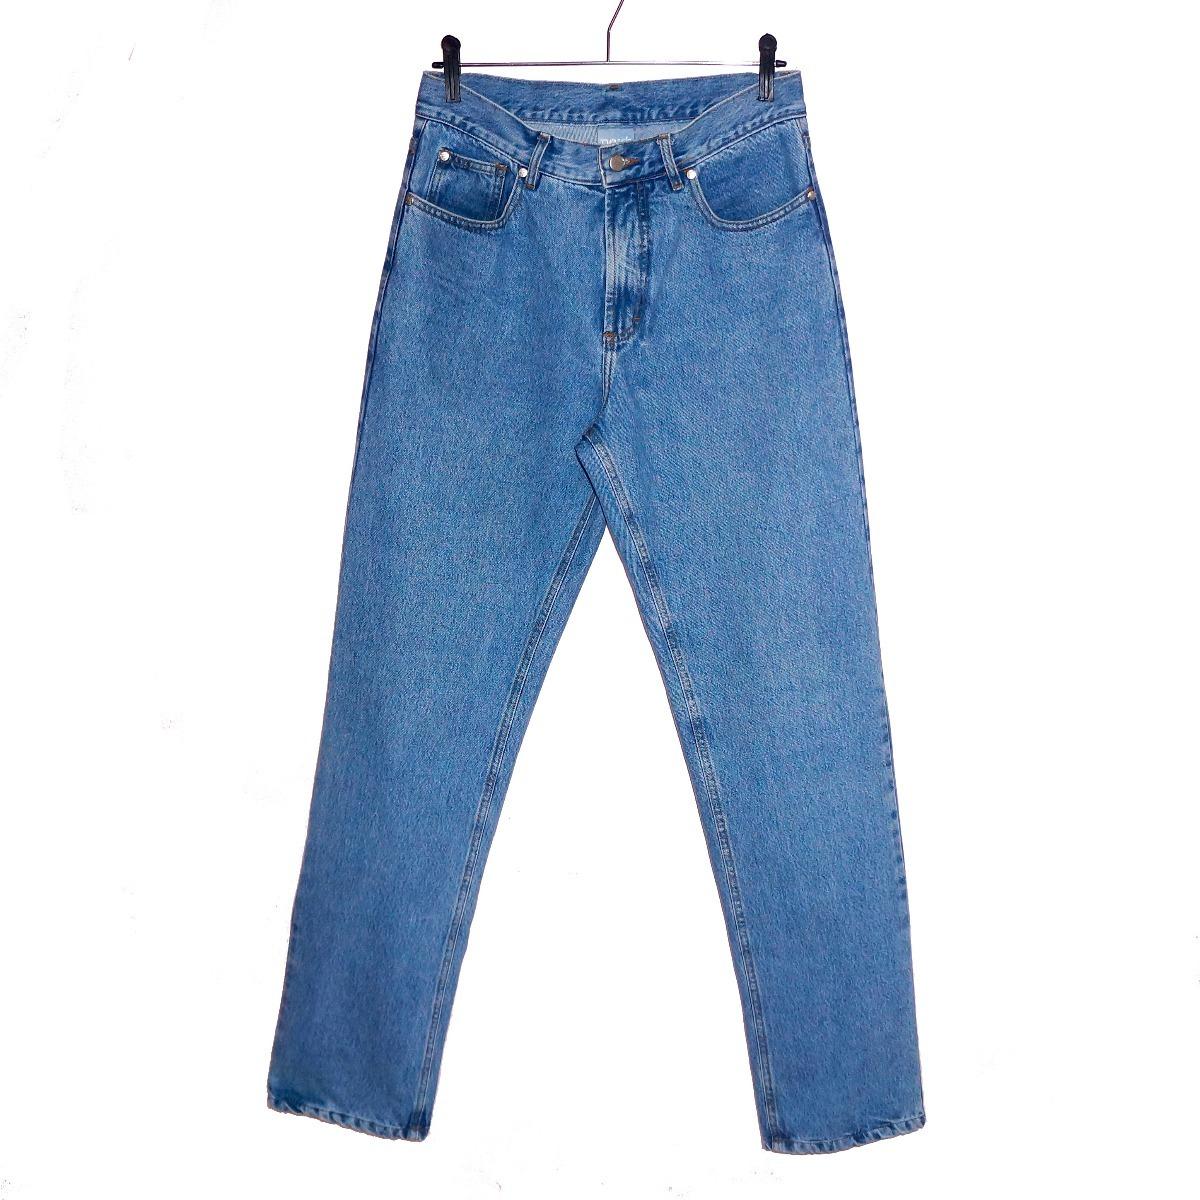 0877e063bc calça mom jeans vintage blue jeans cintura alta unisex. Carregando zoom.